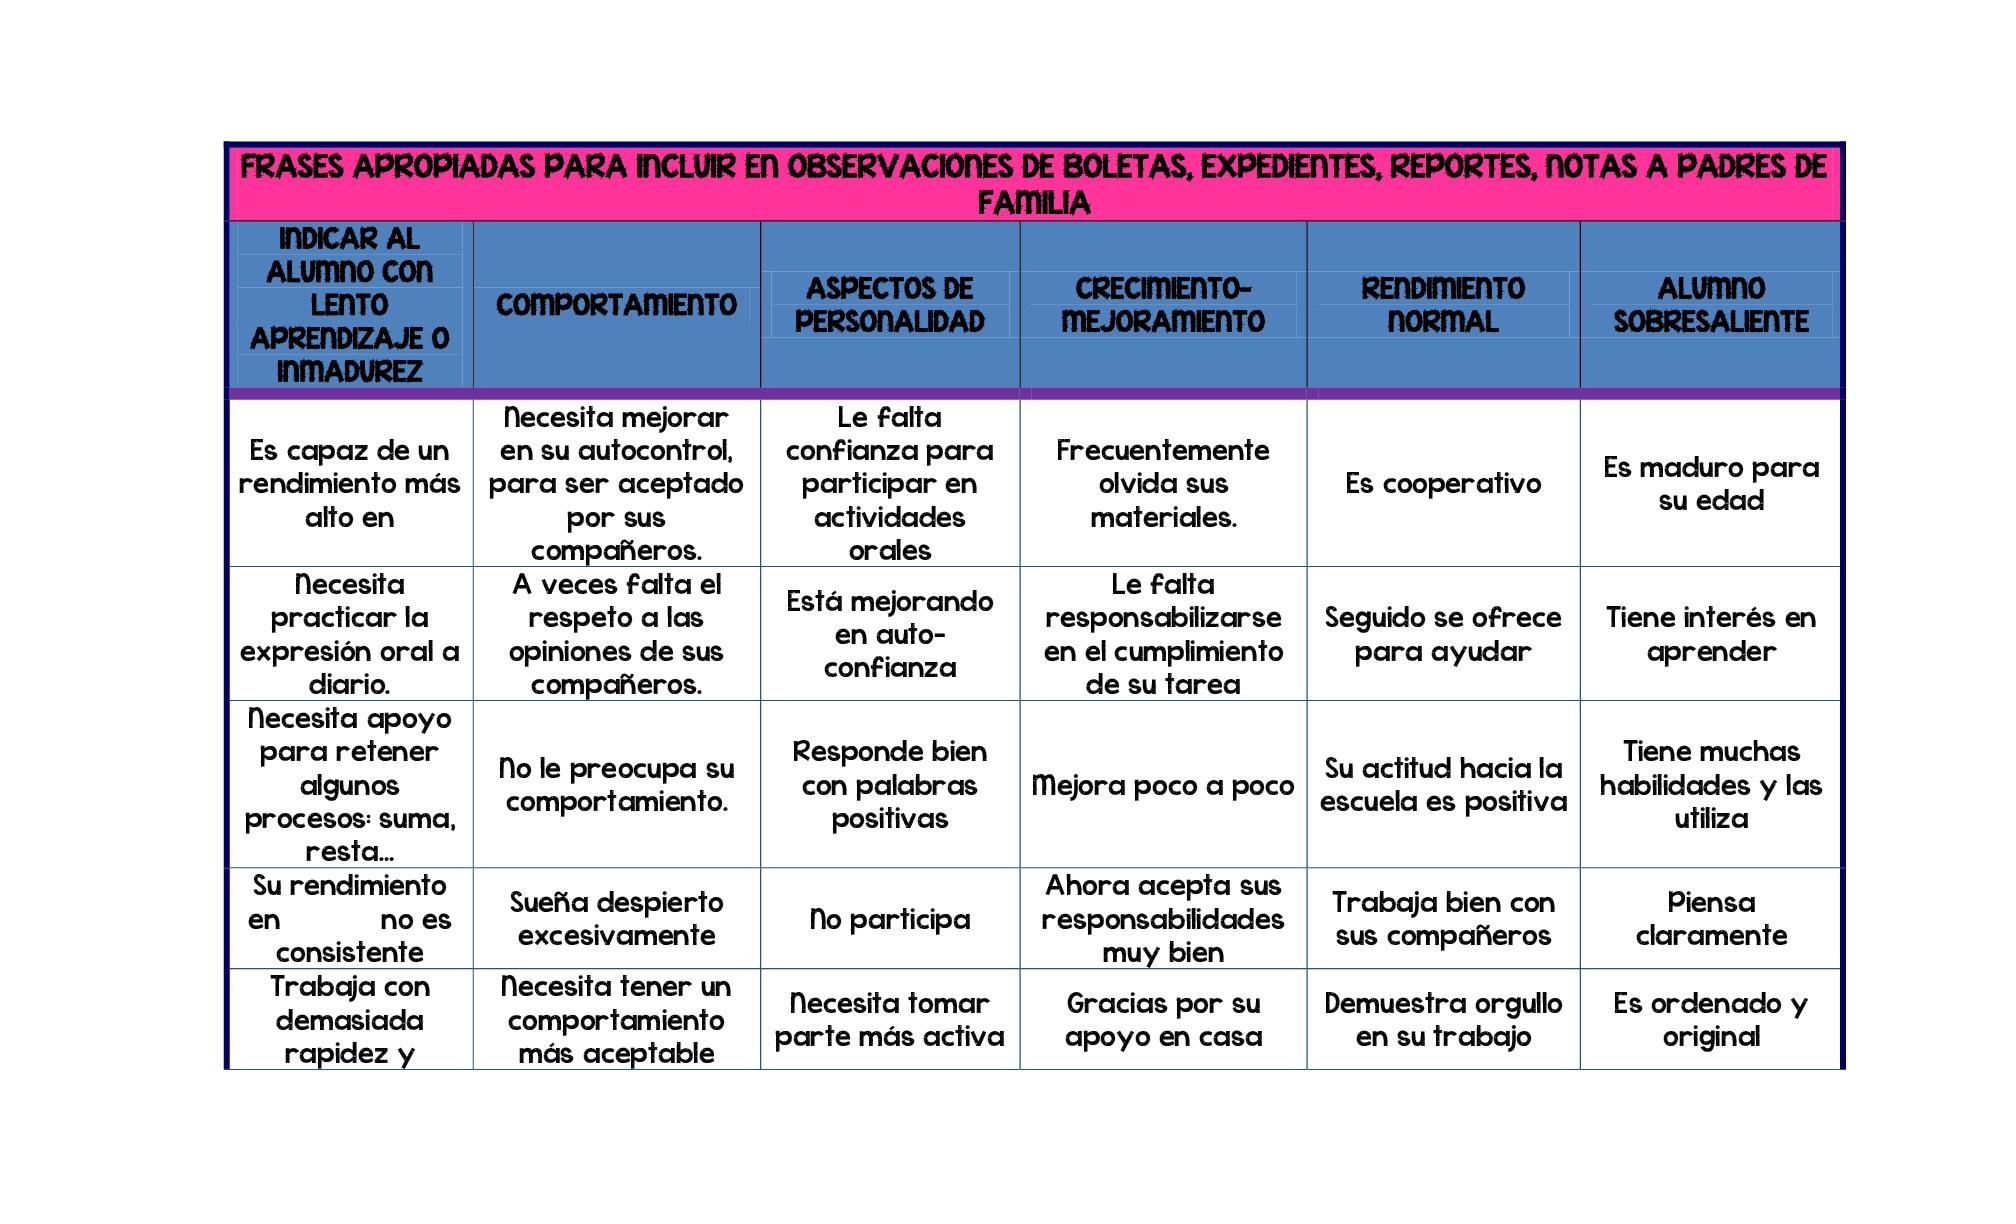 FRASES APROPIADAS PARA INCLUIR EN OBSERVACIONES DE BOLETAS (1